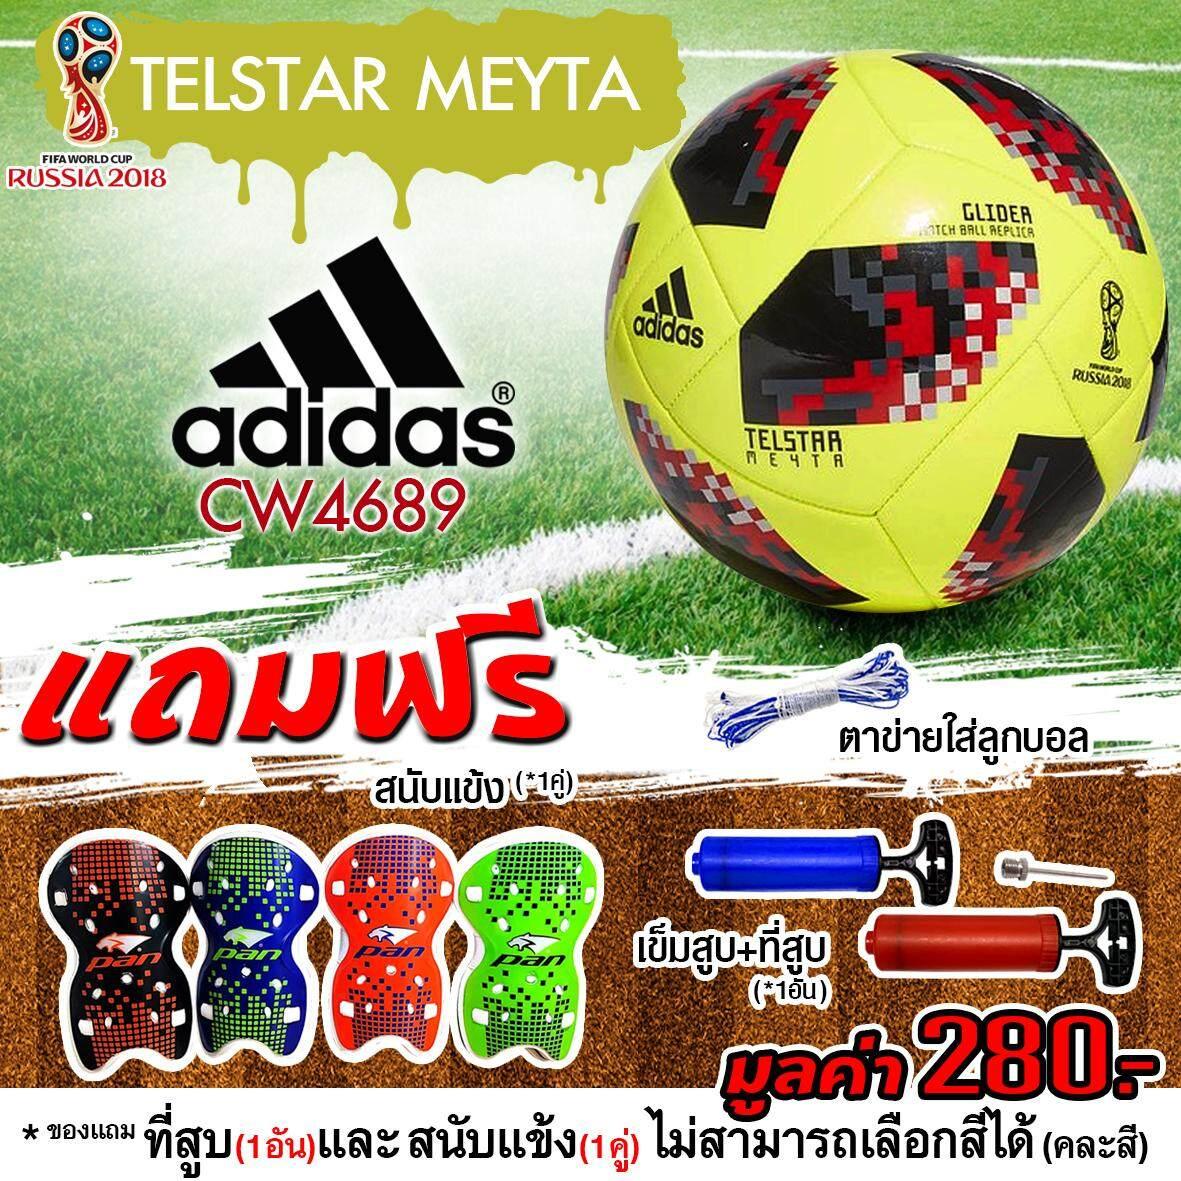 สอนใช้งาน  สุพรรณบุรี Adidas ลูกฟุตบอล หนังเย็บ  Football WorldCup 18 Knockout Glider Ball CW4689 (800) แถมฟรี ตาข่ายใส่ลูกฟุตบอล + เข็มสูบสูบลม + สูบมือ HP-04 + สนับแข้ง Shin Guard Pan PSS025(280)